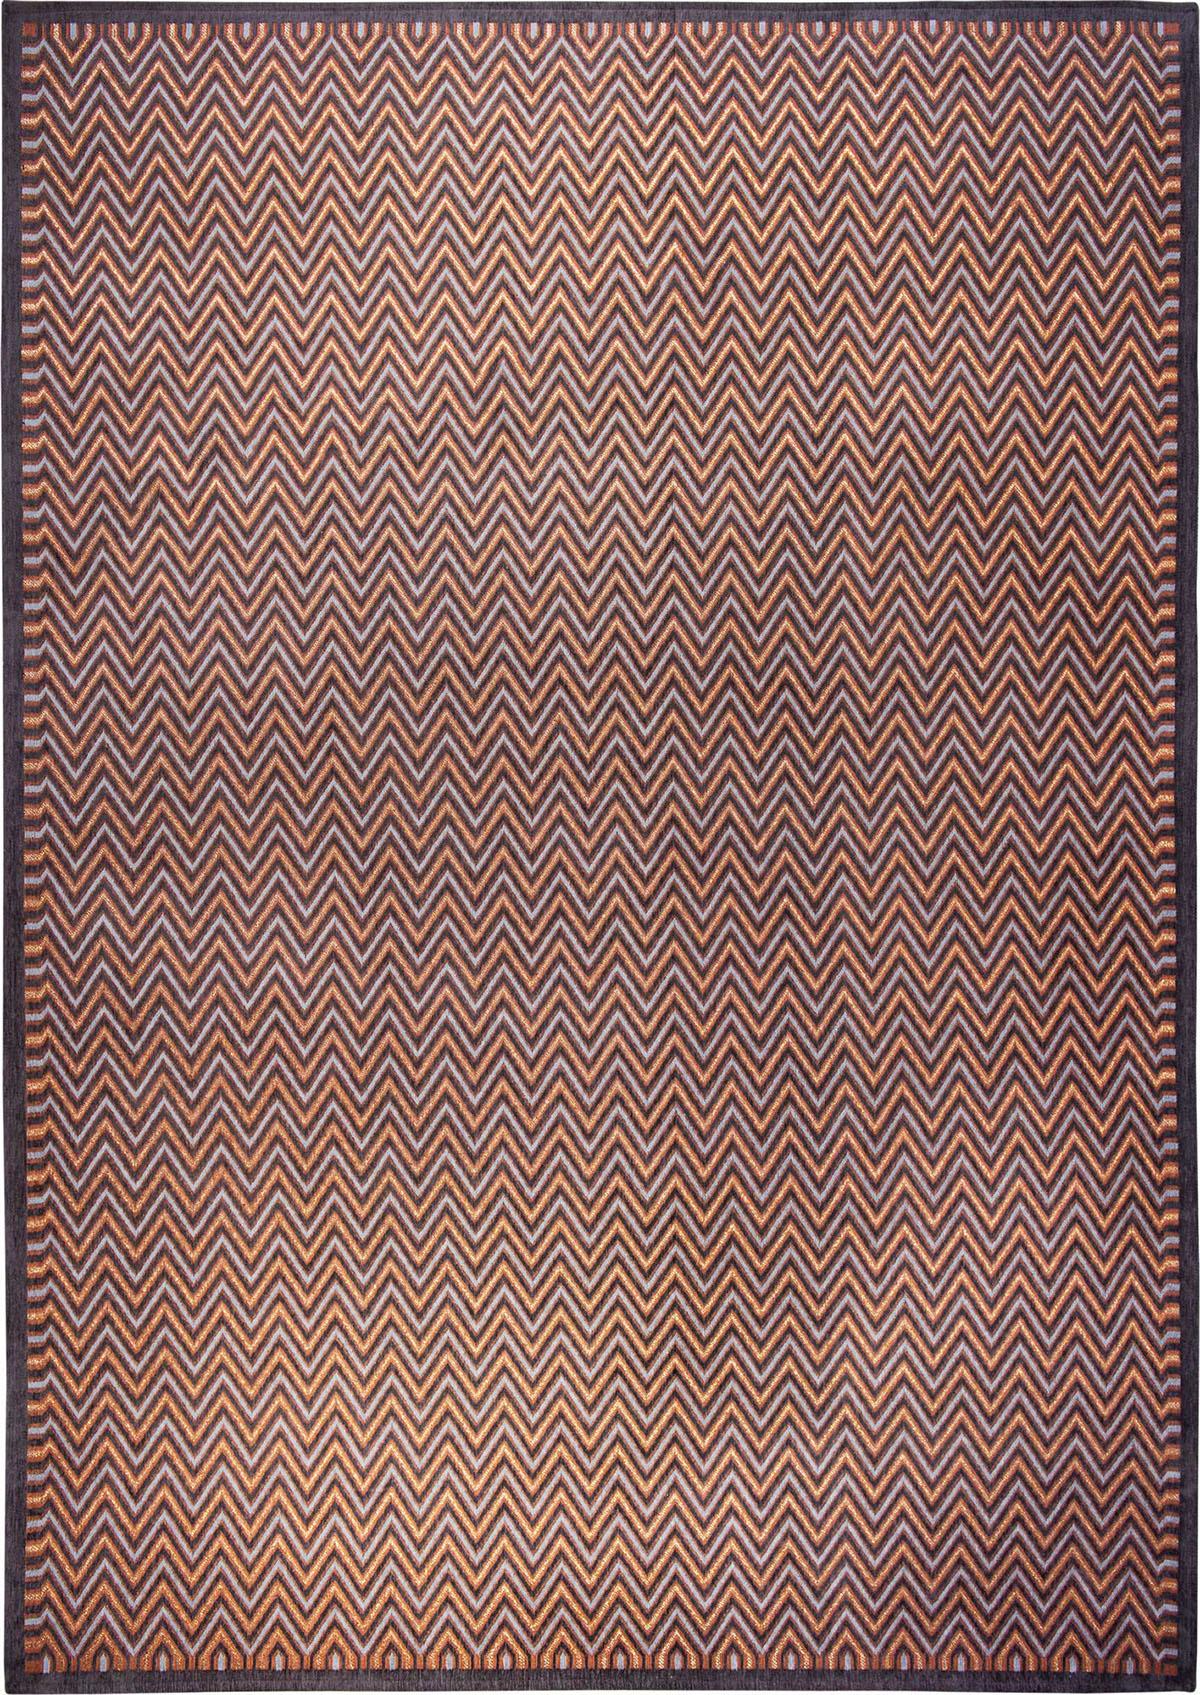 Szaro Pomarańczowy Dywan Nowoczesny - DOLOMITI URBANIO 9012 - Rozmiar: 170x240 cm